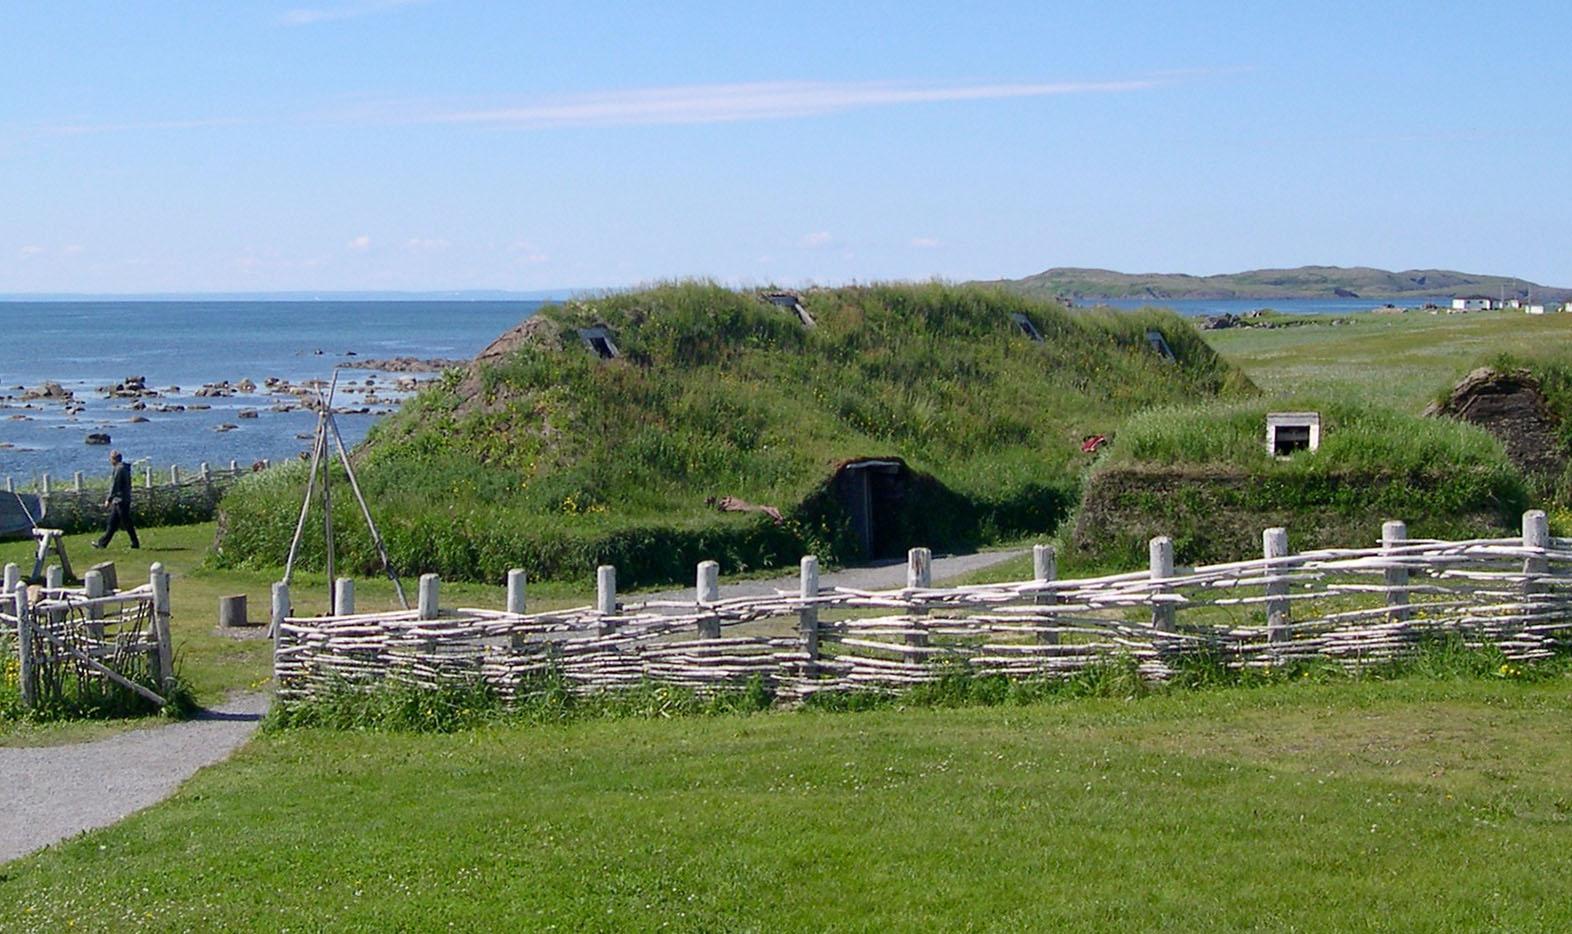 kanadische Subarktis (Hudson Bay, Labrador, Neufundland, Neuschottland, Sankt-Lorenz-Strom, Sable Island)